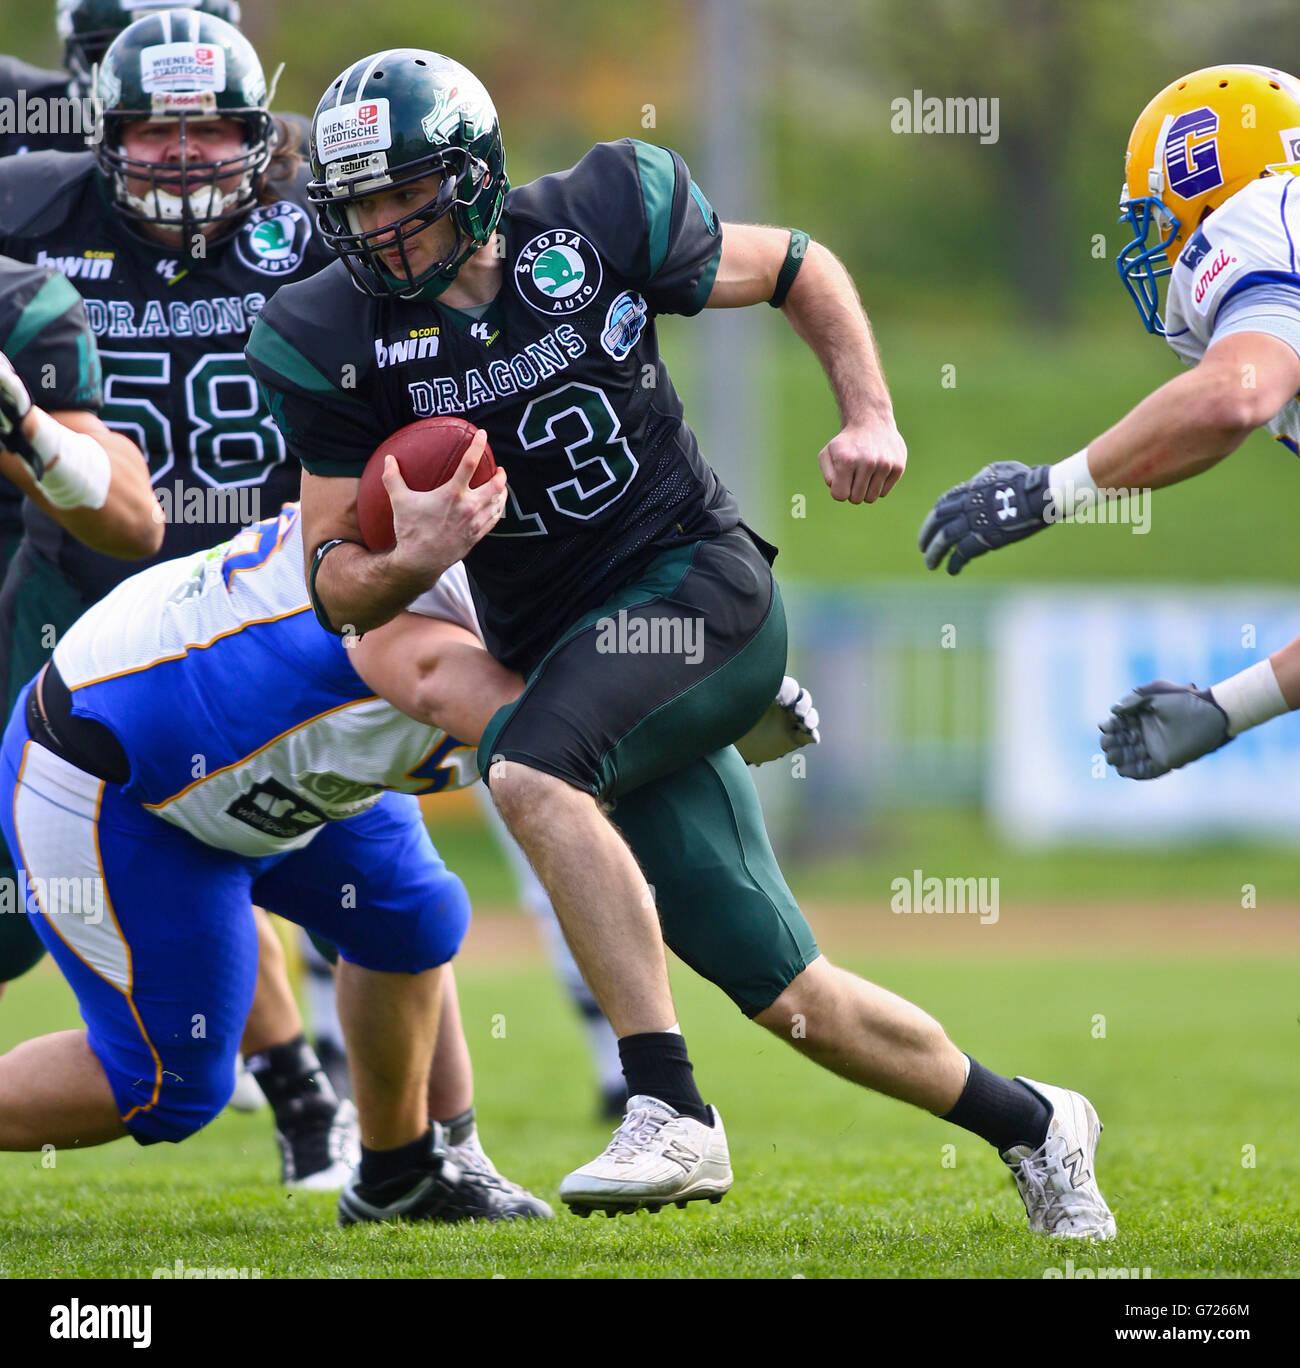 Football américain, QB Thomas Haider, No 13 des Dragons, exécutant avec la balle; les géants Photo Stock